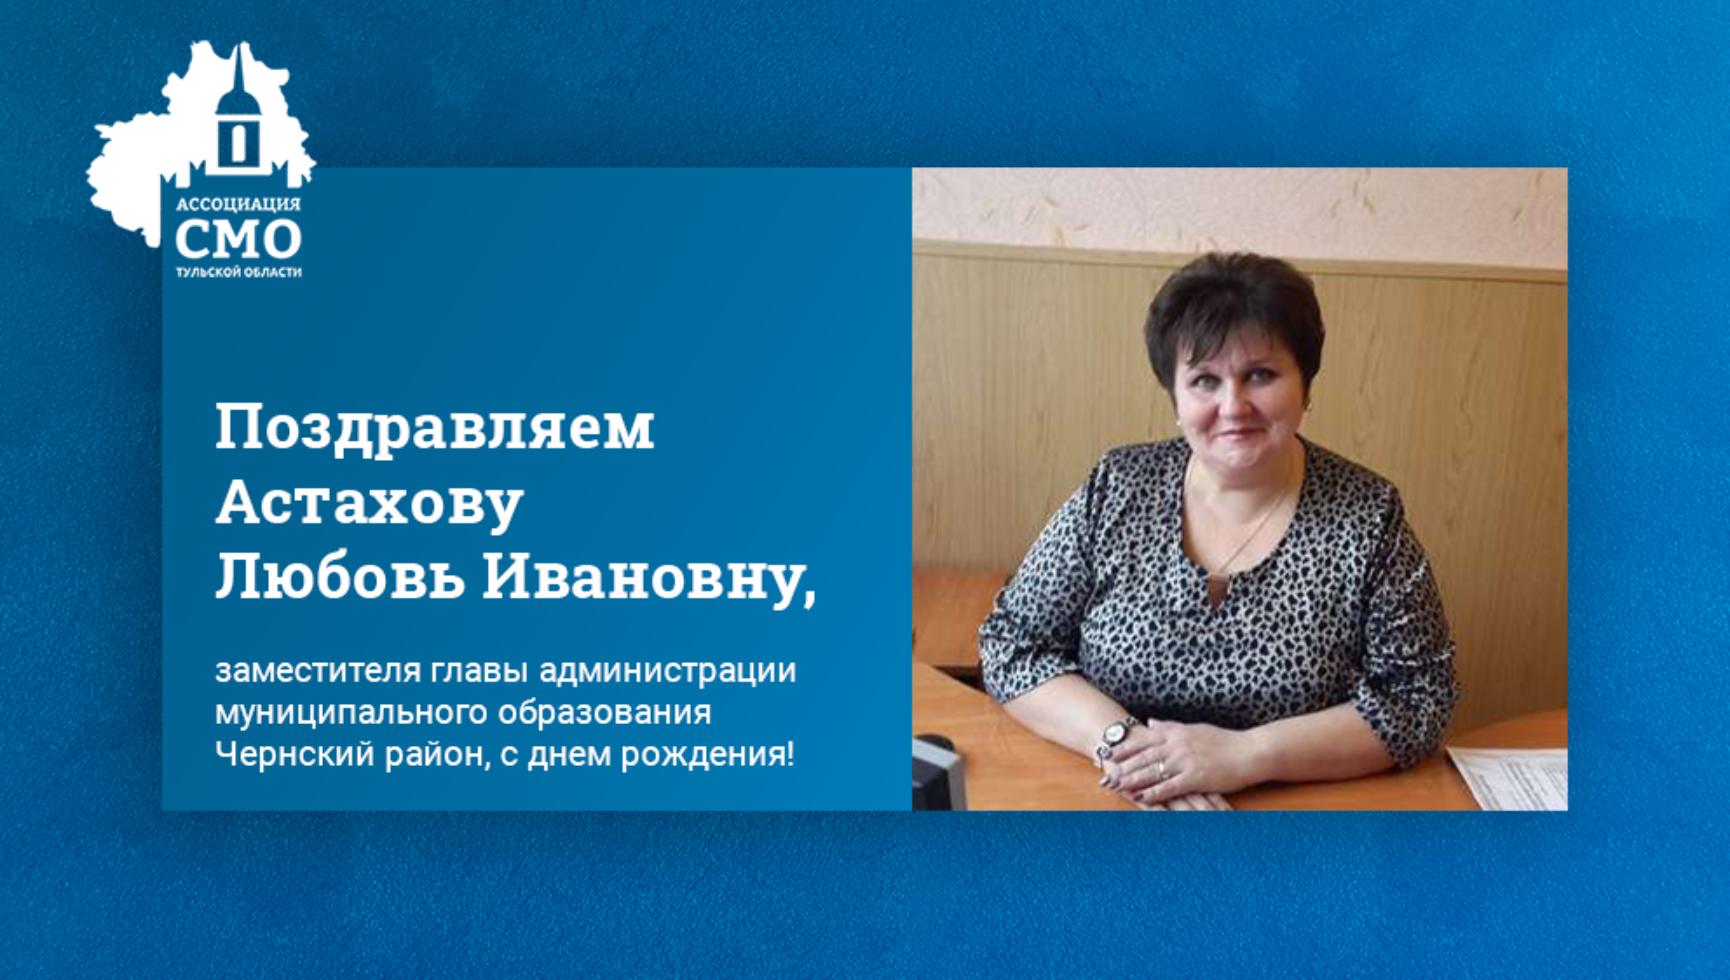 Поздравляем Астахову Любовь Ивановну, заместителя главы администрации муниципального образования Чернский район, с Днем рождения!